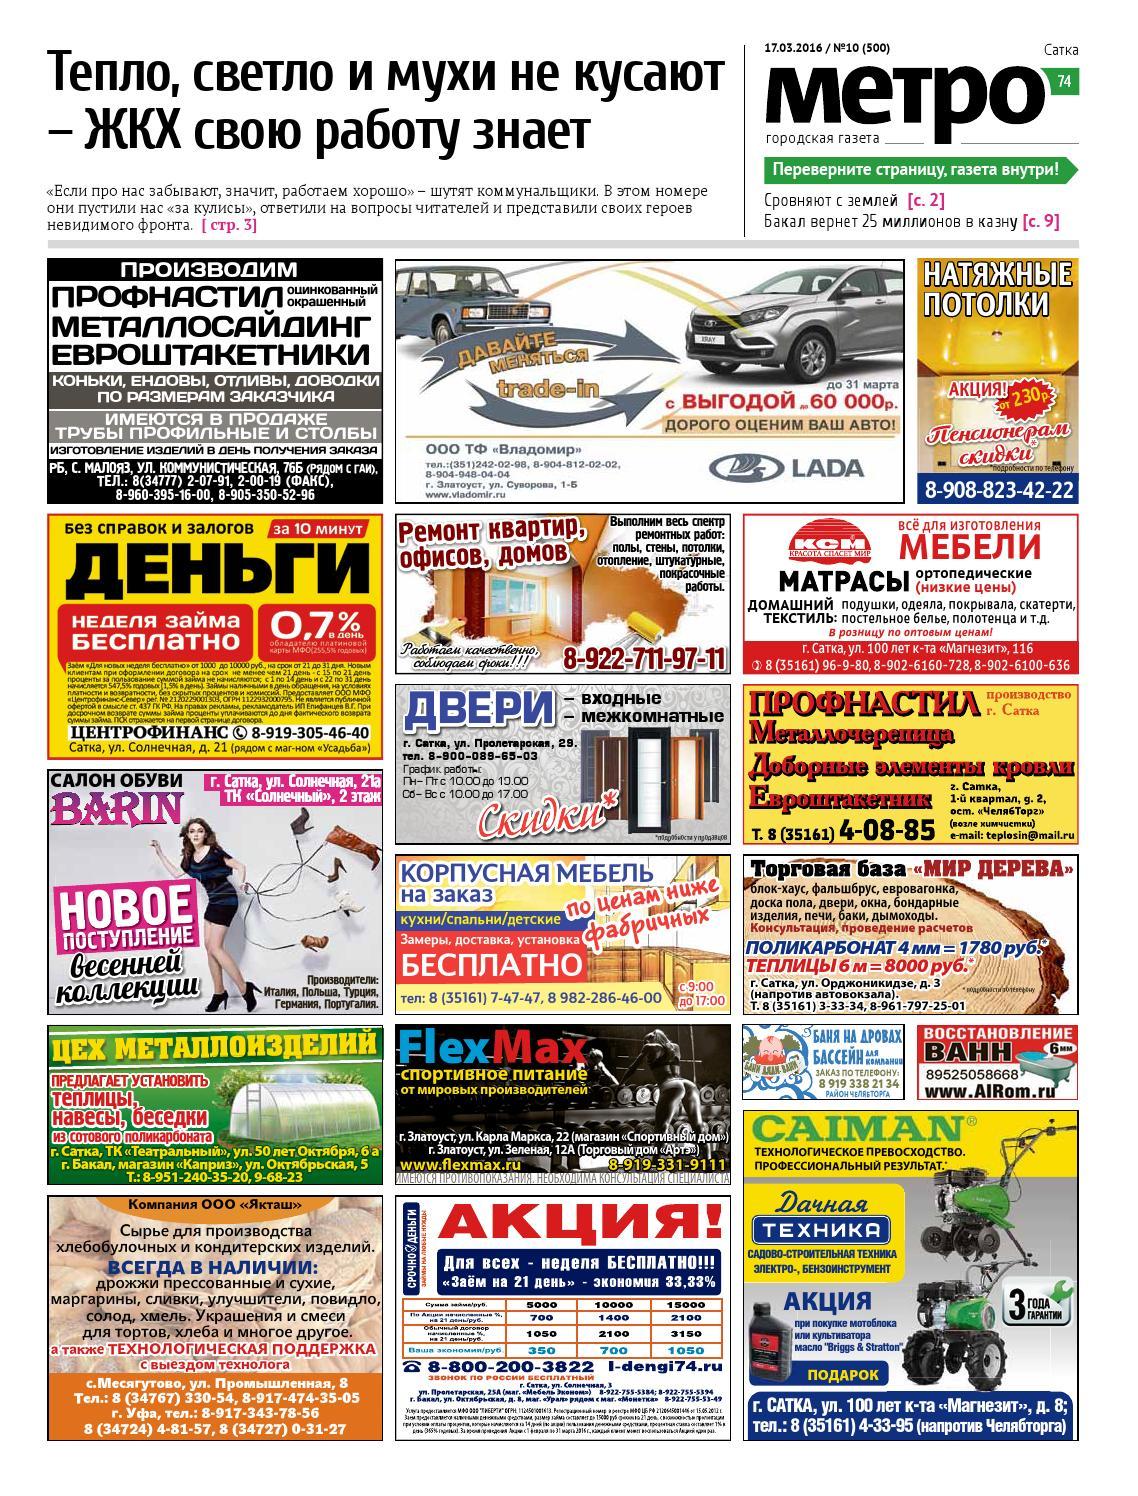 046 справка на оружие Южная улица (город Троицк) показывает ли онкологию анализ крови